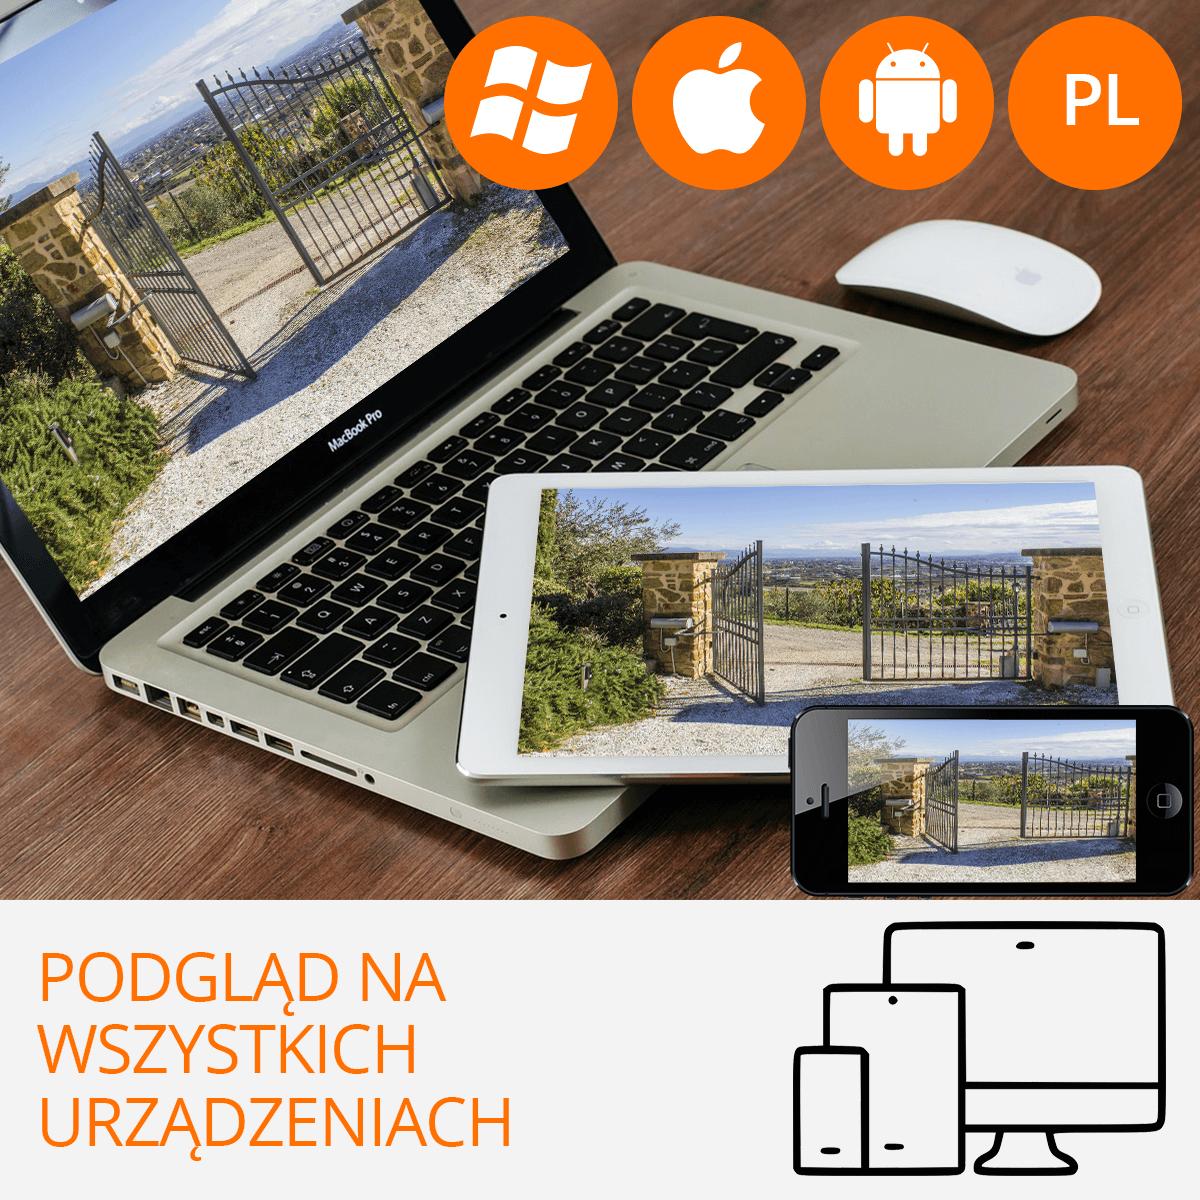 polska aplikacja orllo.pl